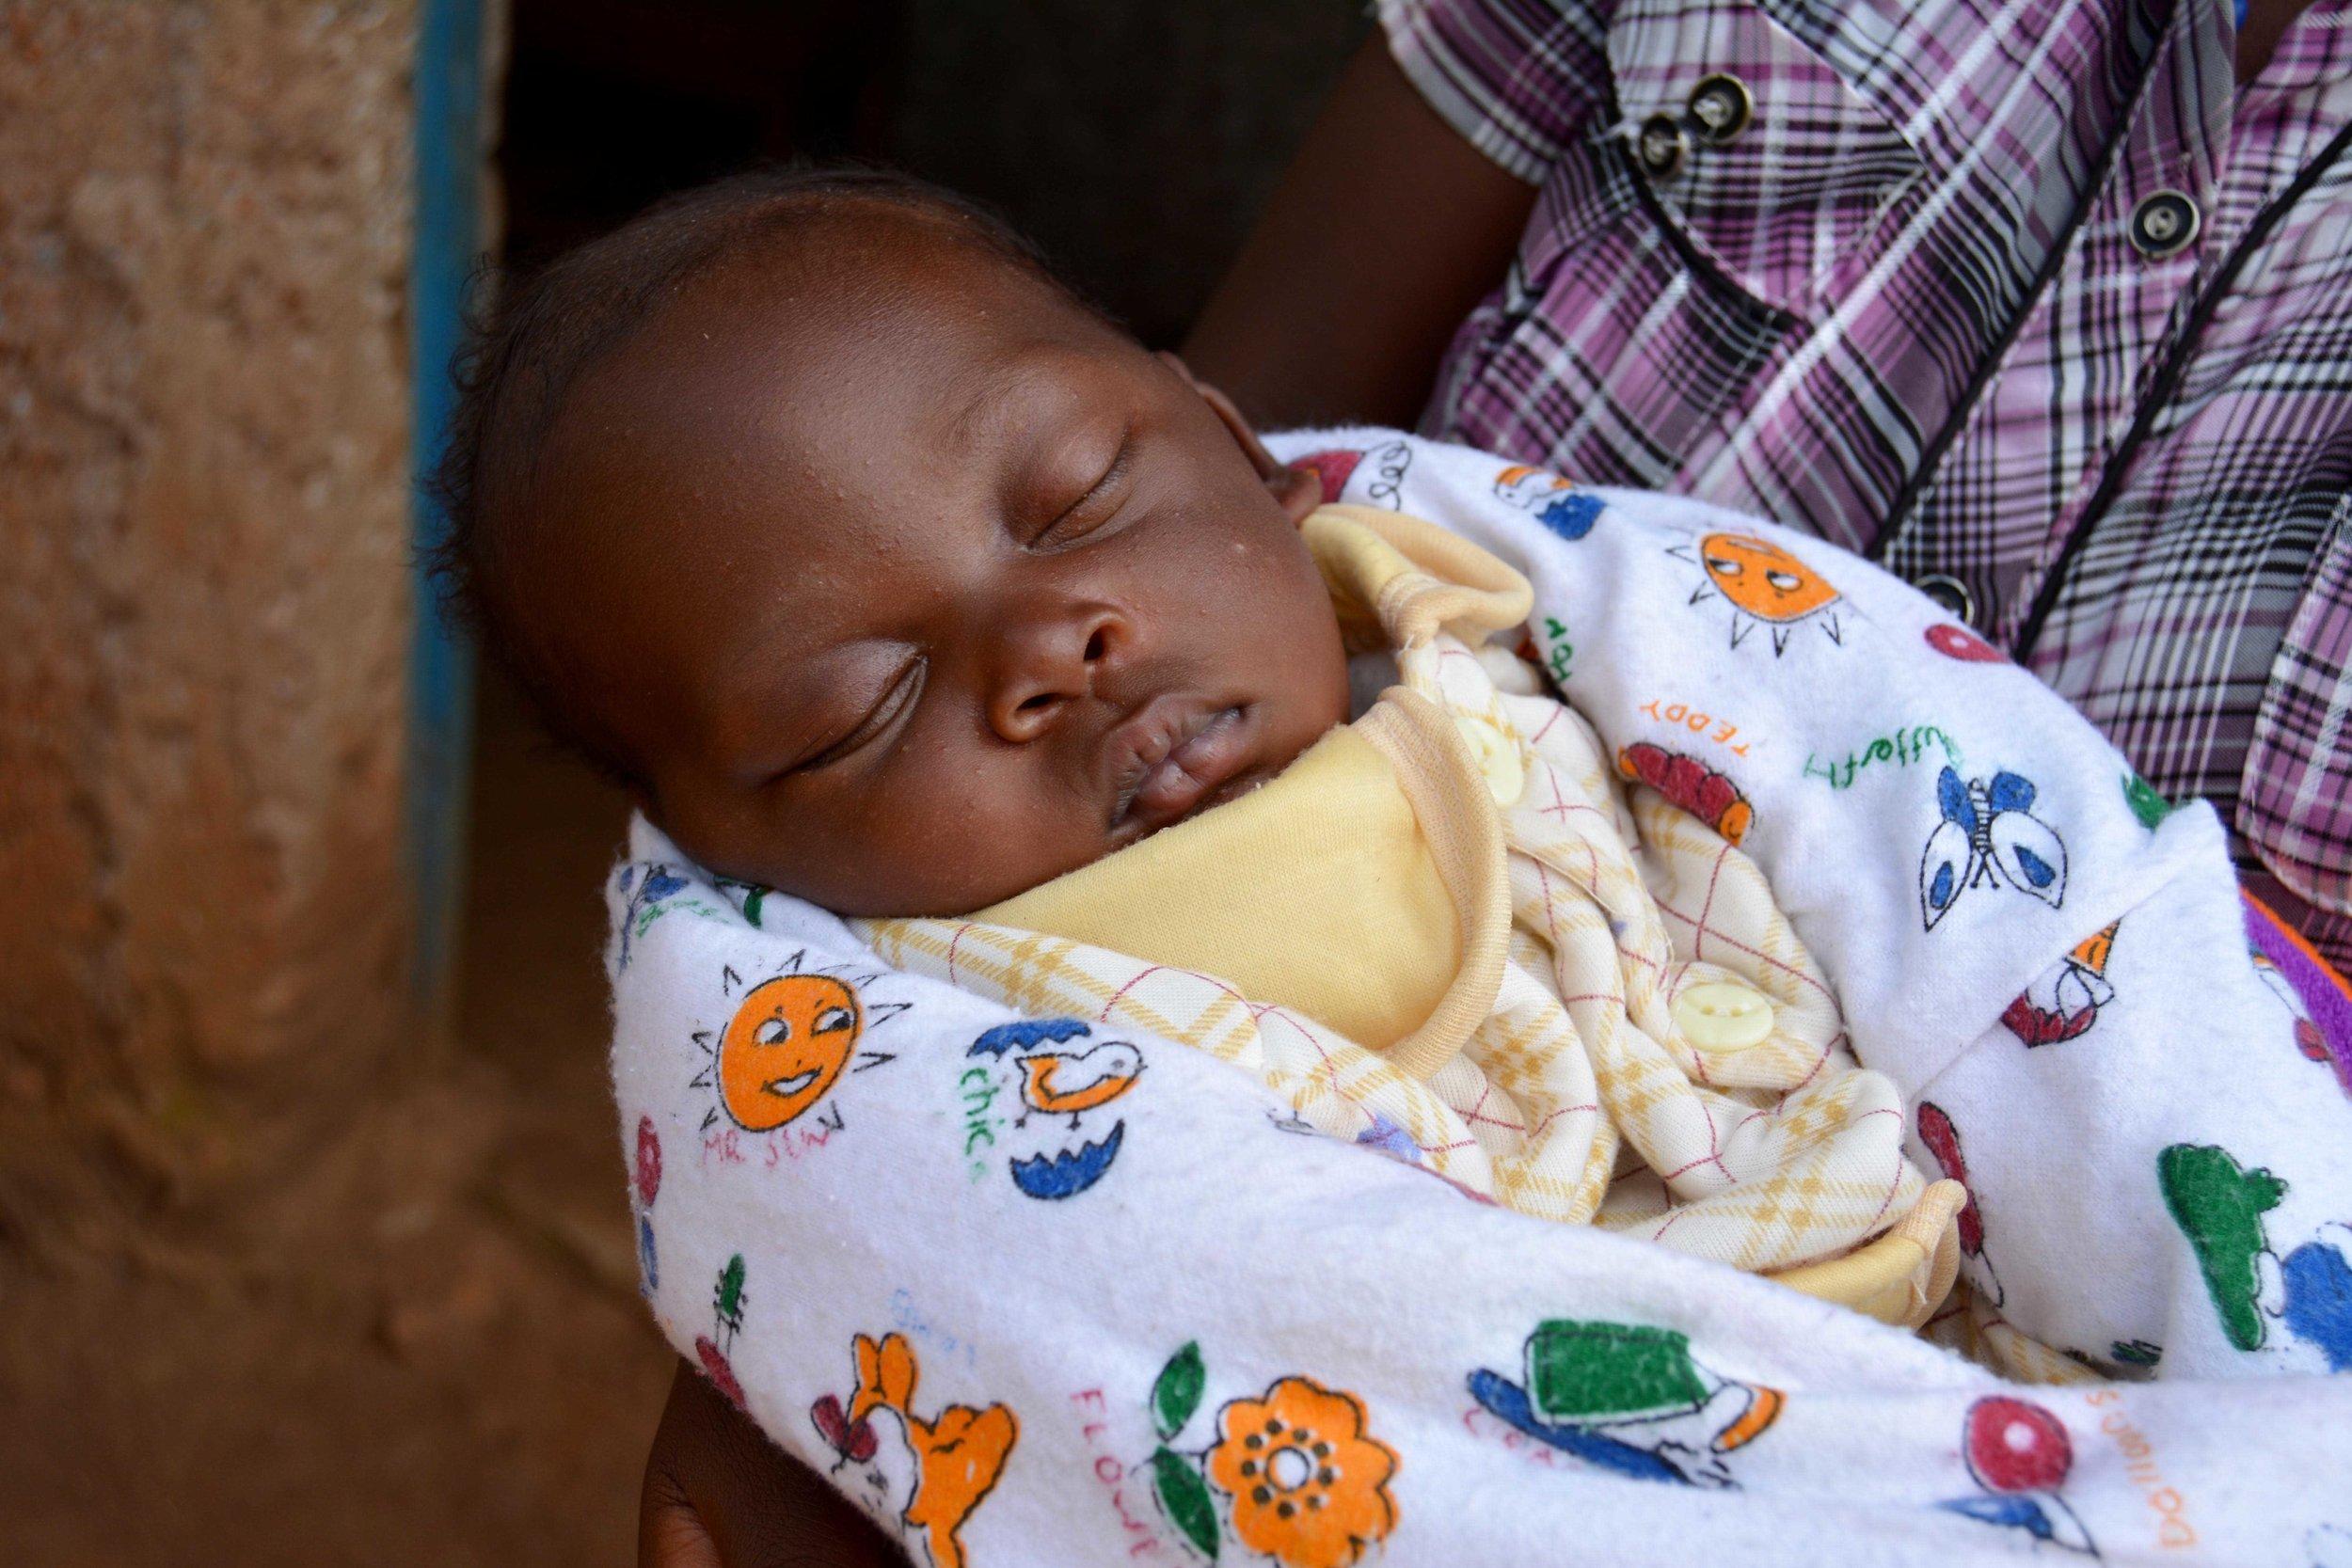 Claudine's healthy baby, Nuwayezu Theogène Aimée (1 month).